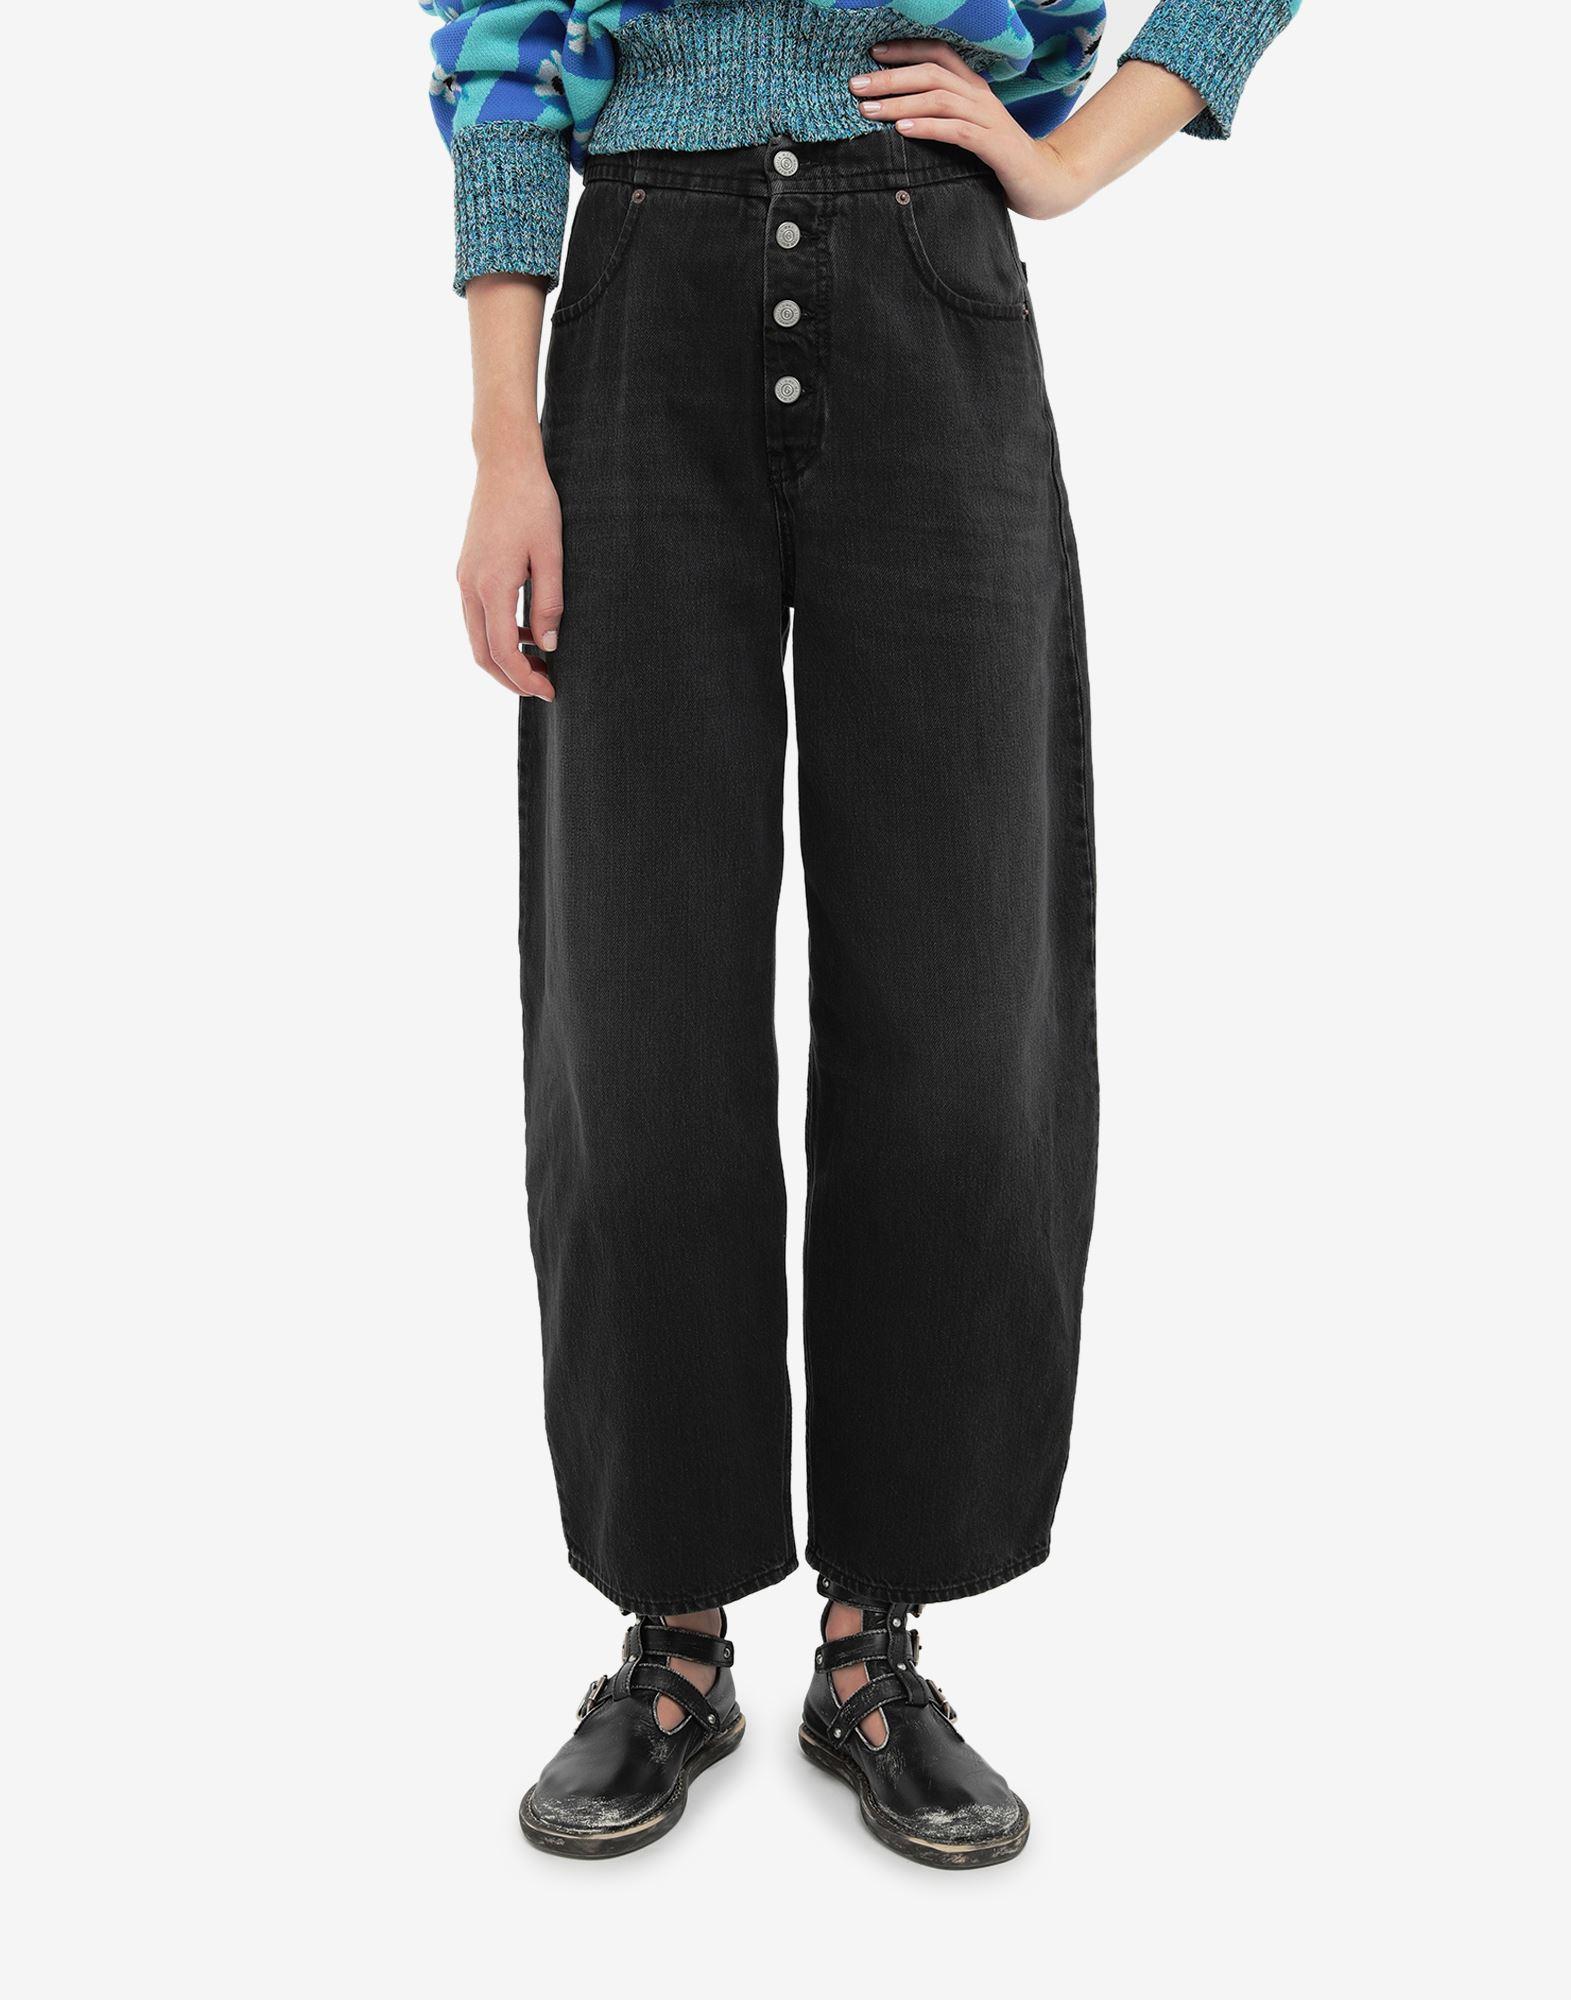 MM6 MAISON MARGIELA Jean taille haute Pantalon en jean Femme r